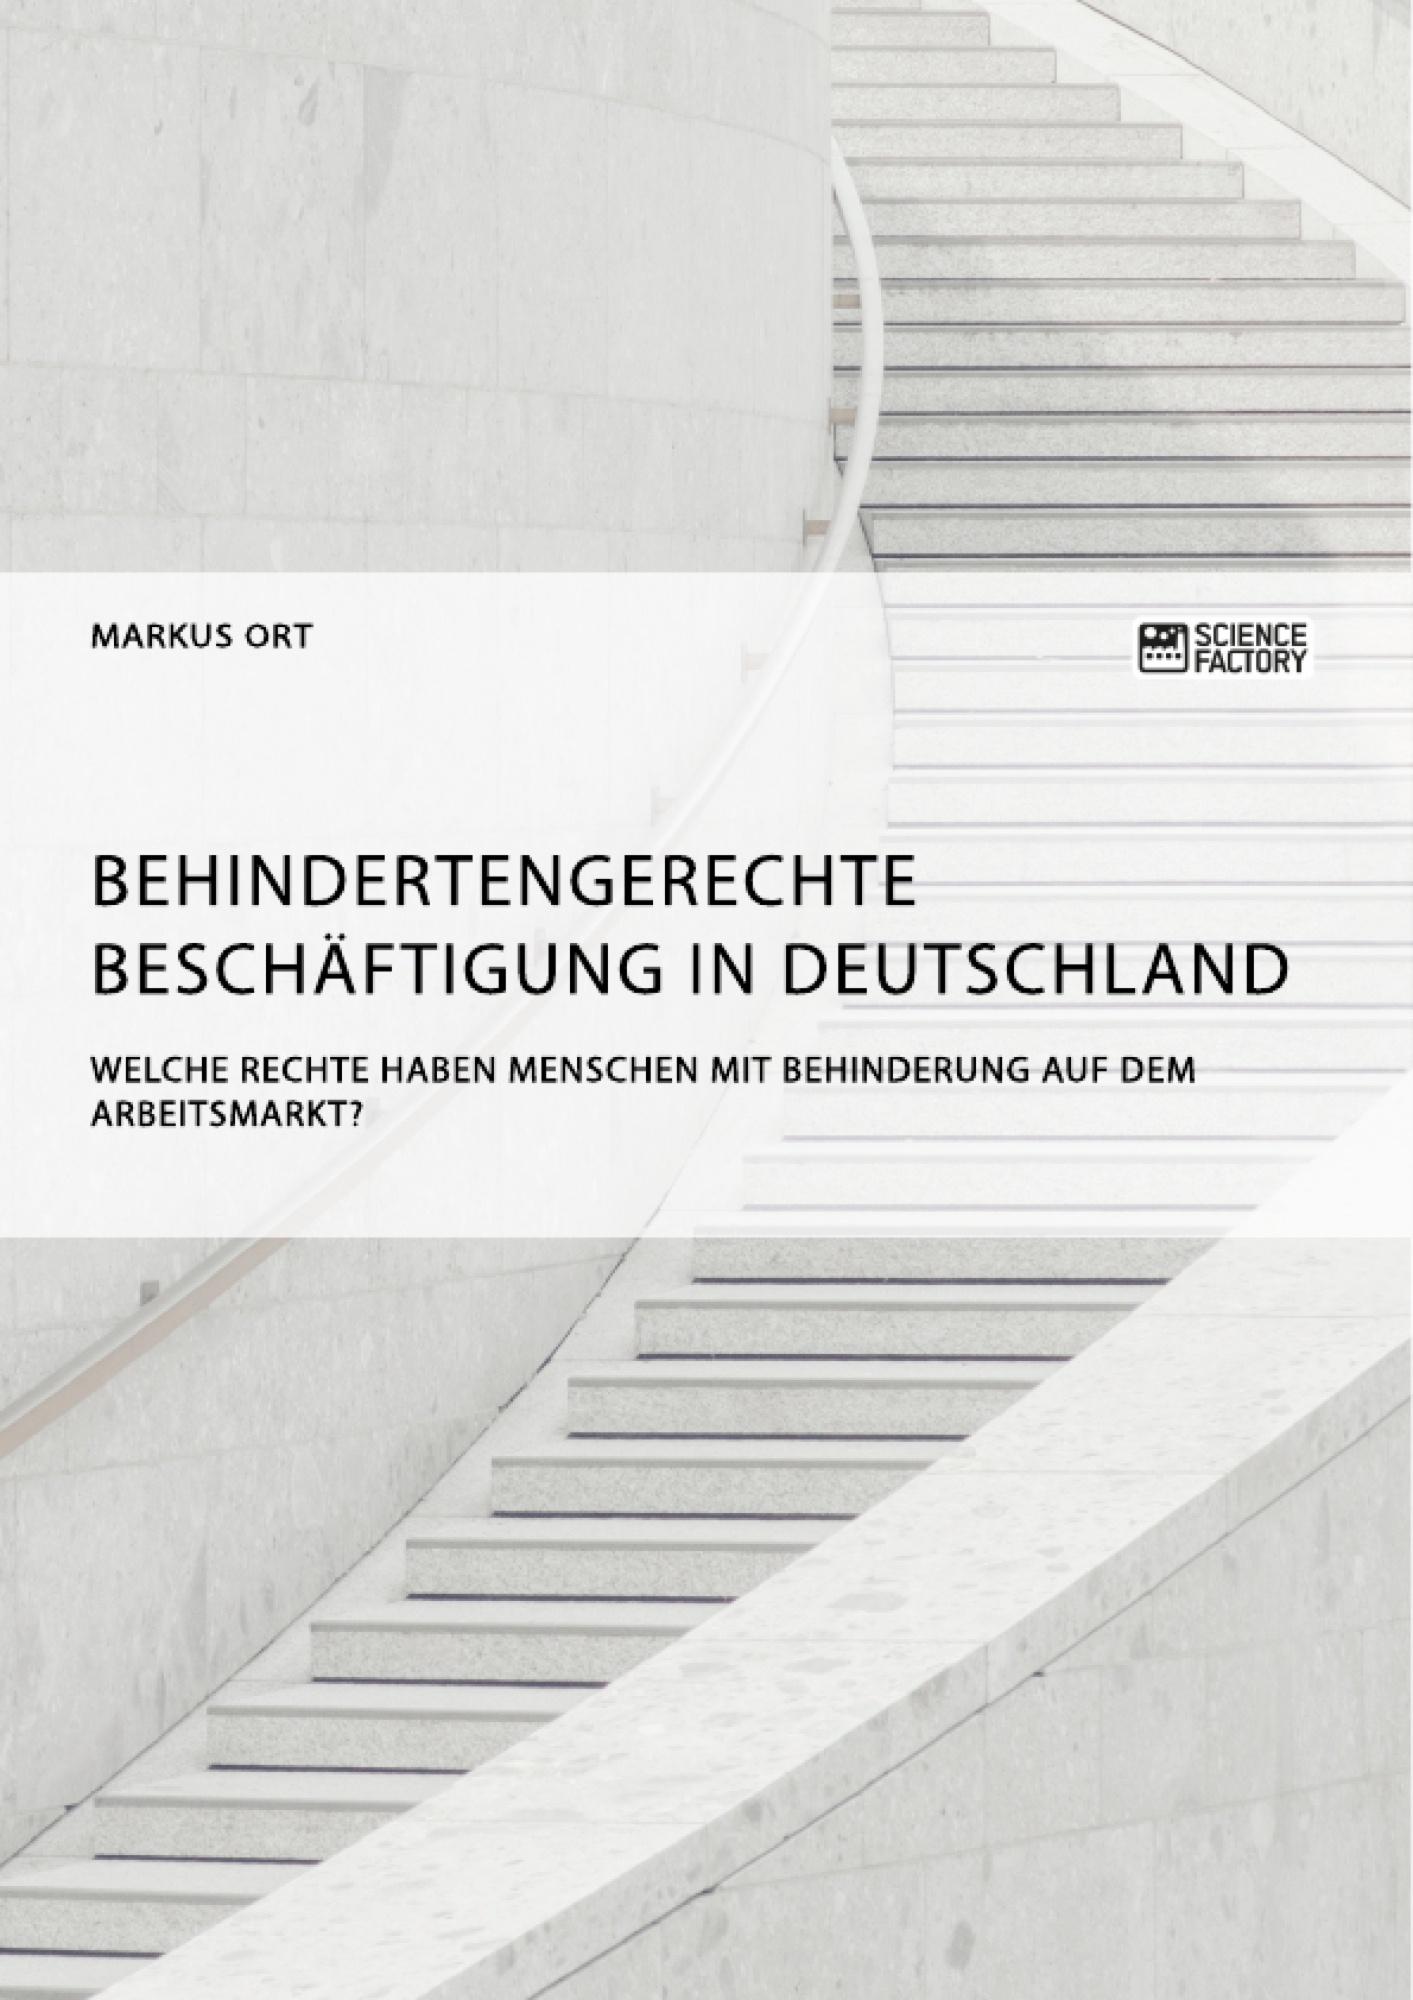 Titel: Behindertengerechte Beschäftigung in Deutschland. Welche Rechte haben Menschen mit Behinderung auf dem Arbeitsmarkt?